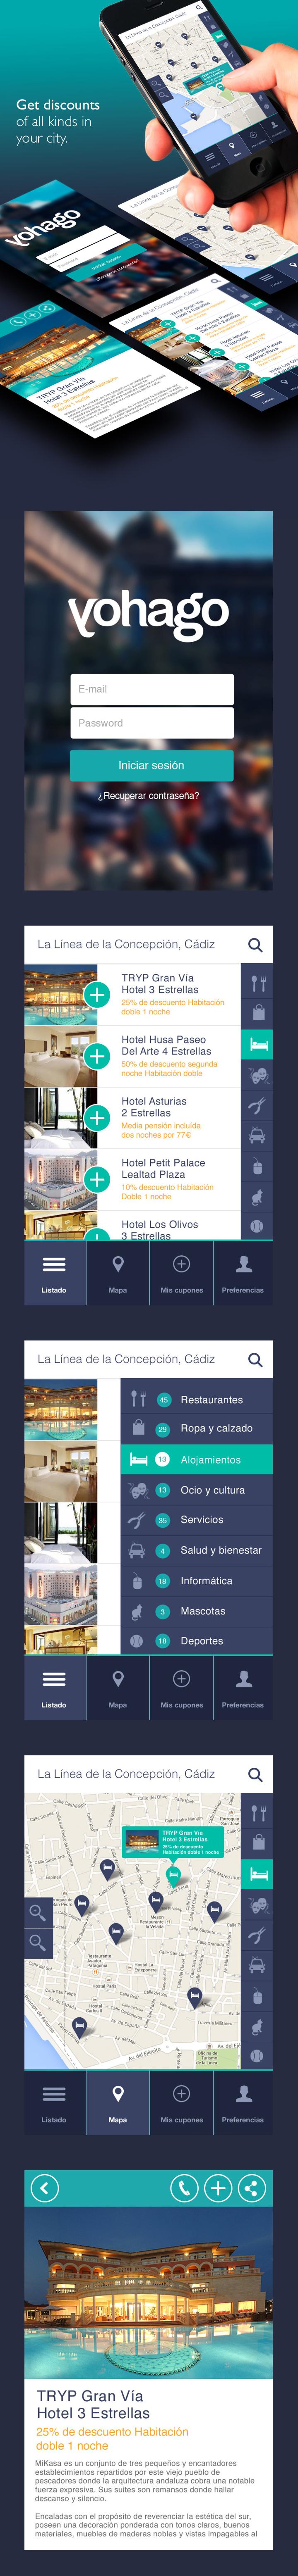 App Yohago Descuentos Tendances Iscomigoo Webdesign http://iscomigoo-webdesign.blogspot.fr/